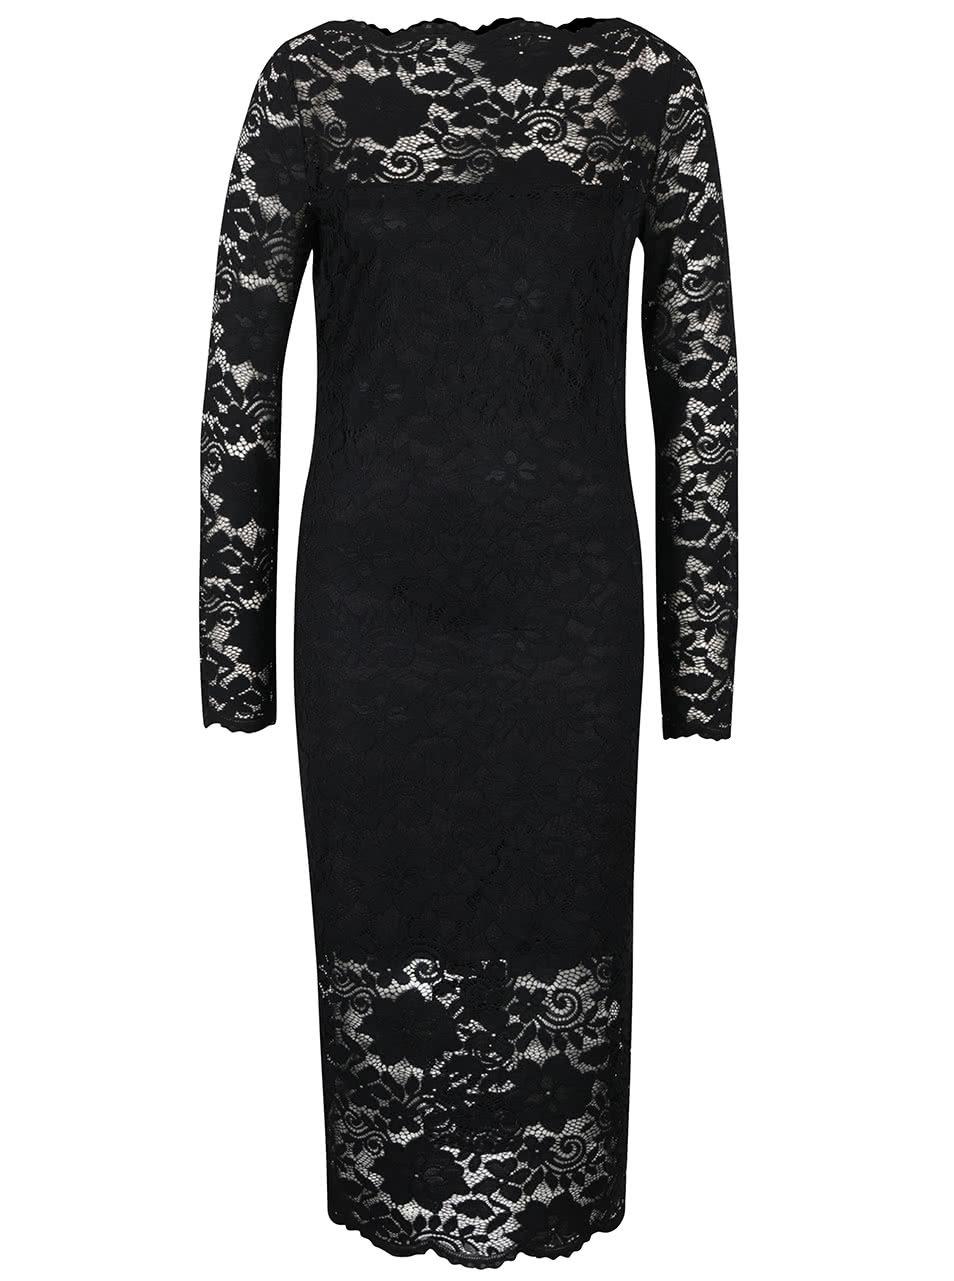 a21d7743390 Černé krajkové šaty s dlouhým rukávem VILA Grit ...